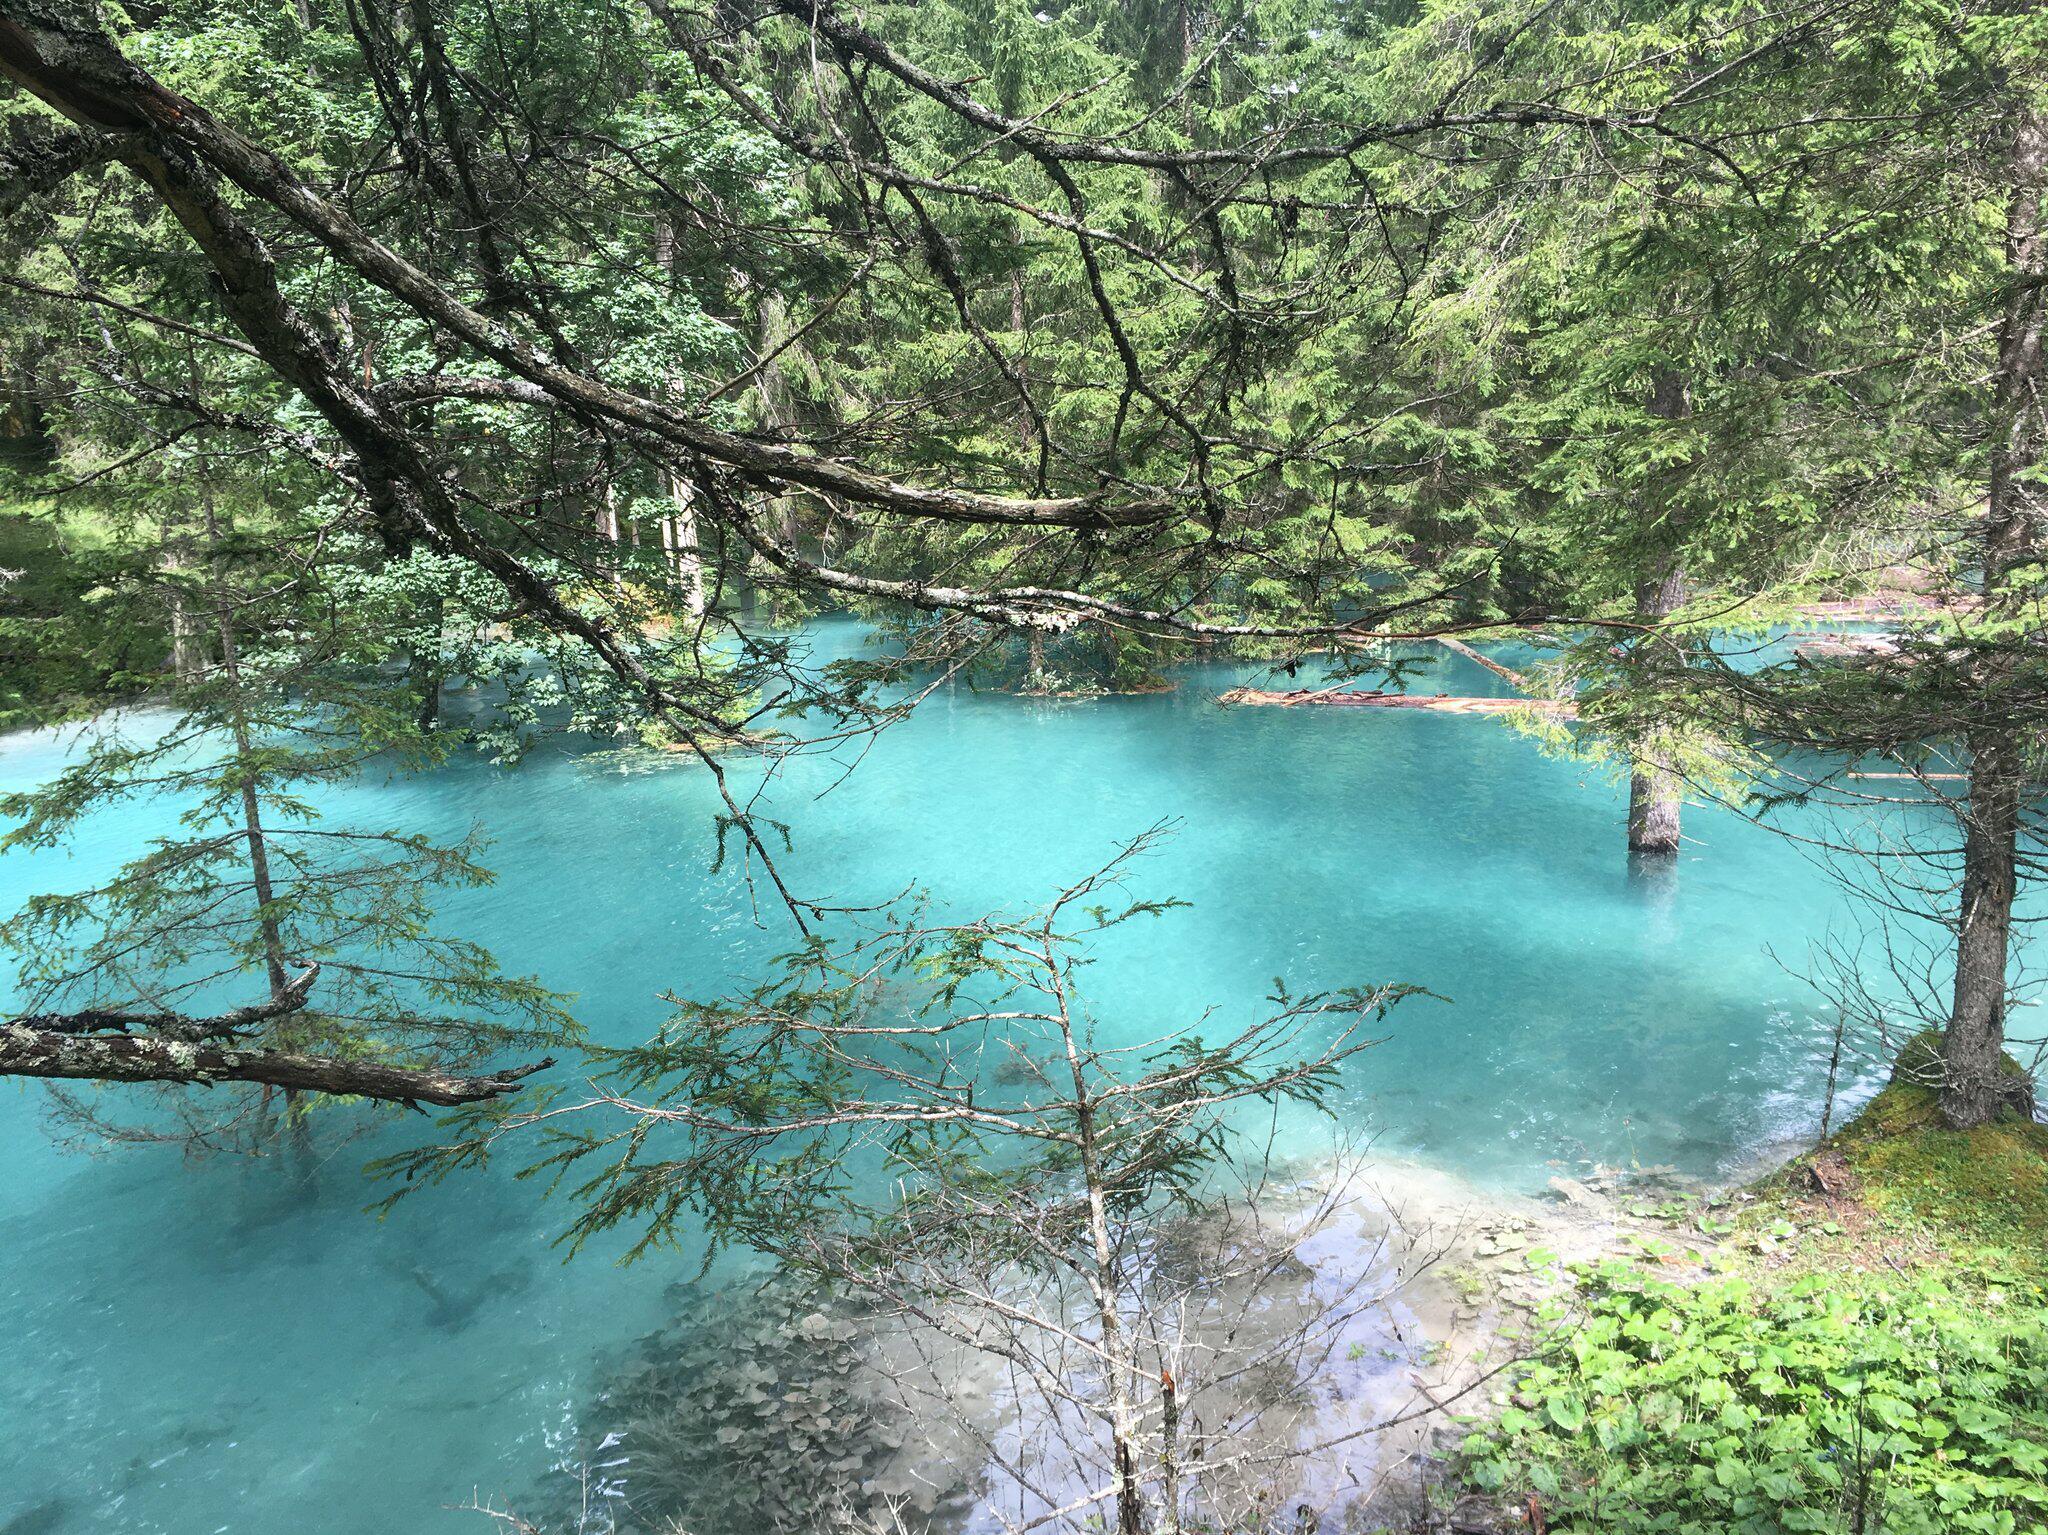 Bild zu New lakes due to heavy rains